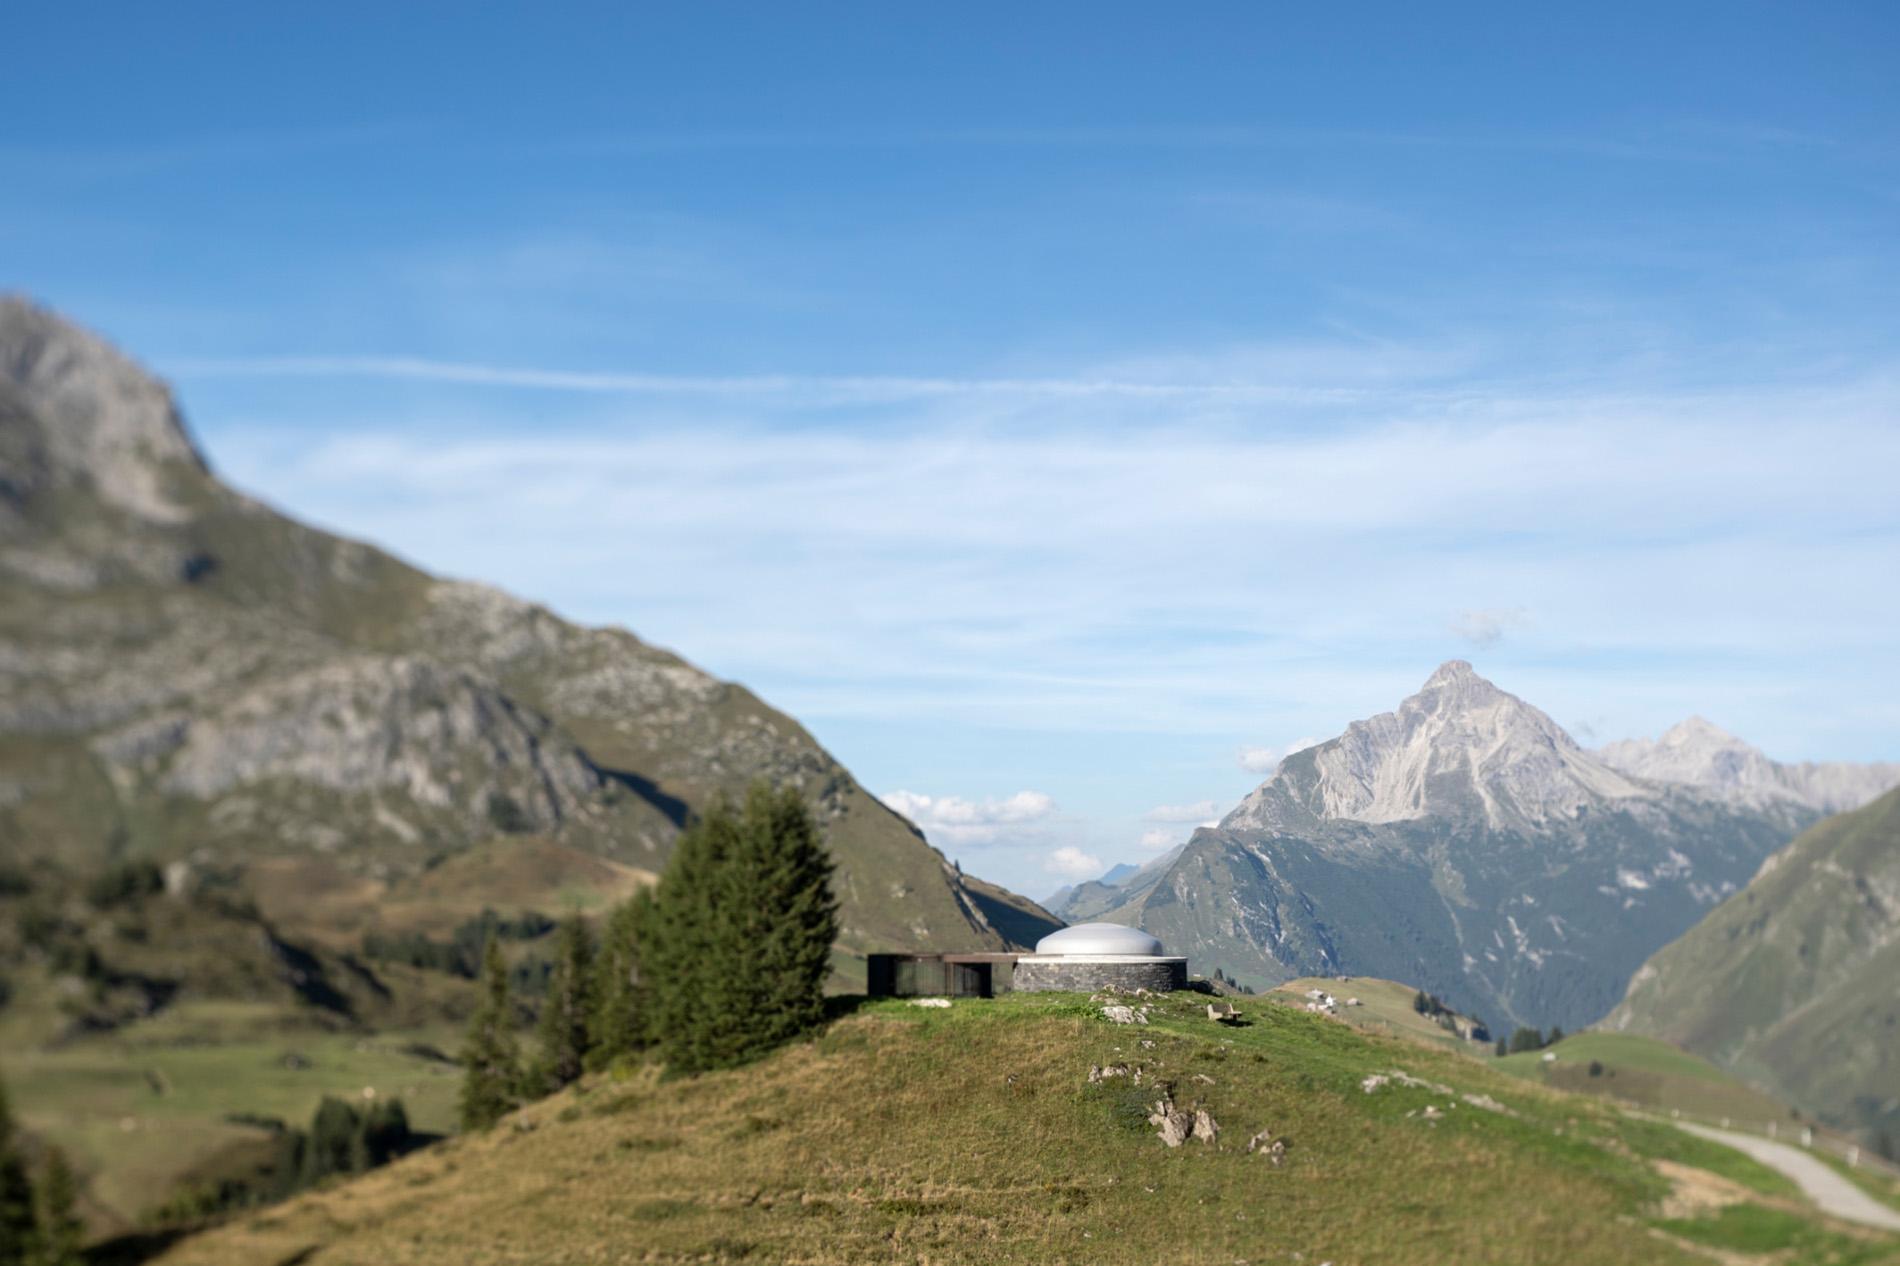 Der Skyspace in der Vorarlberger Landschaft. Foto: Florian Holzherr